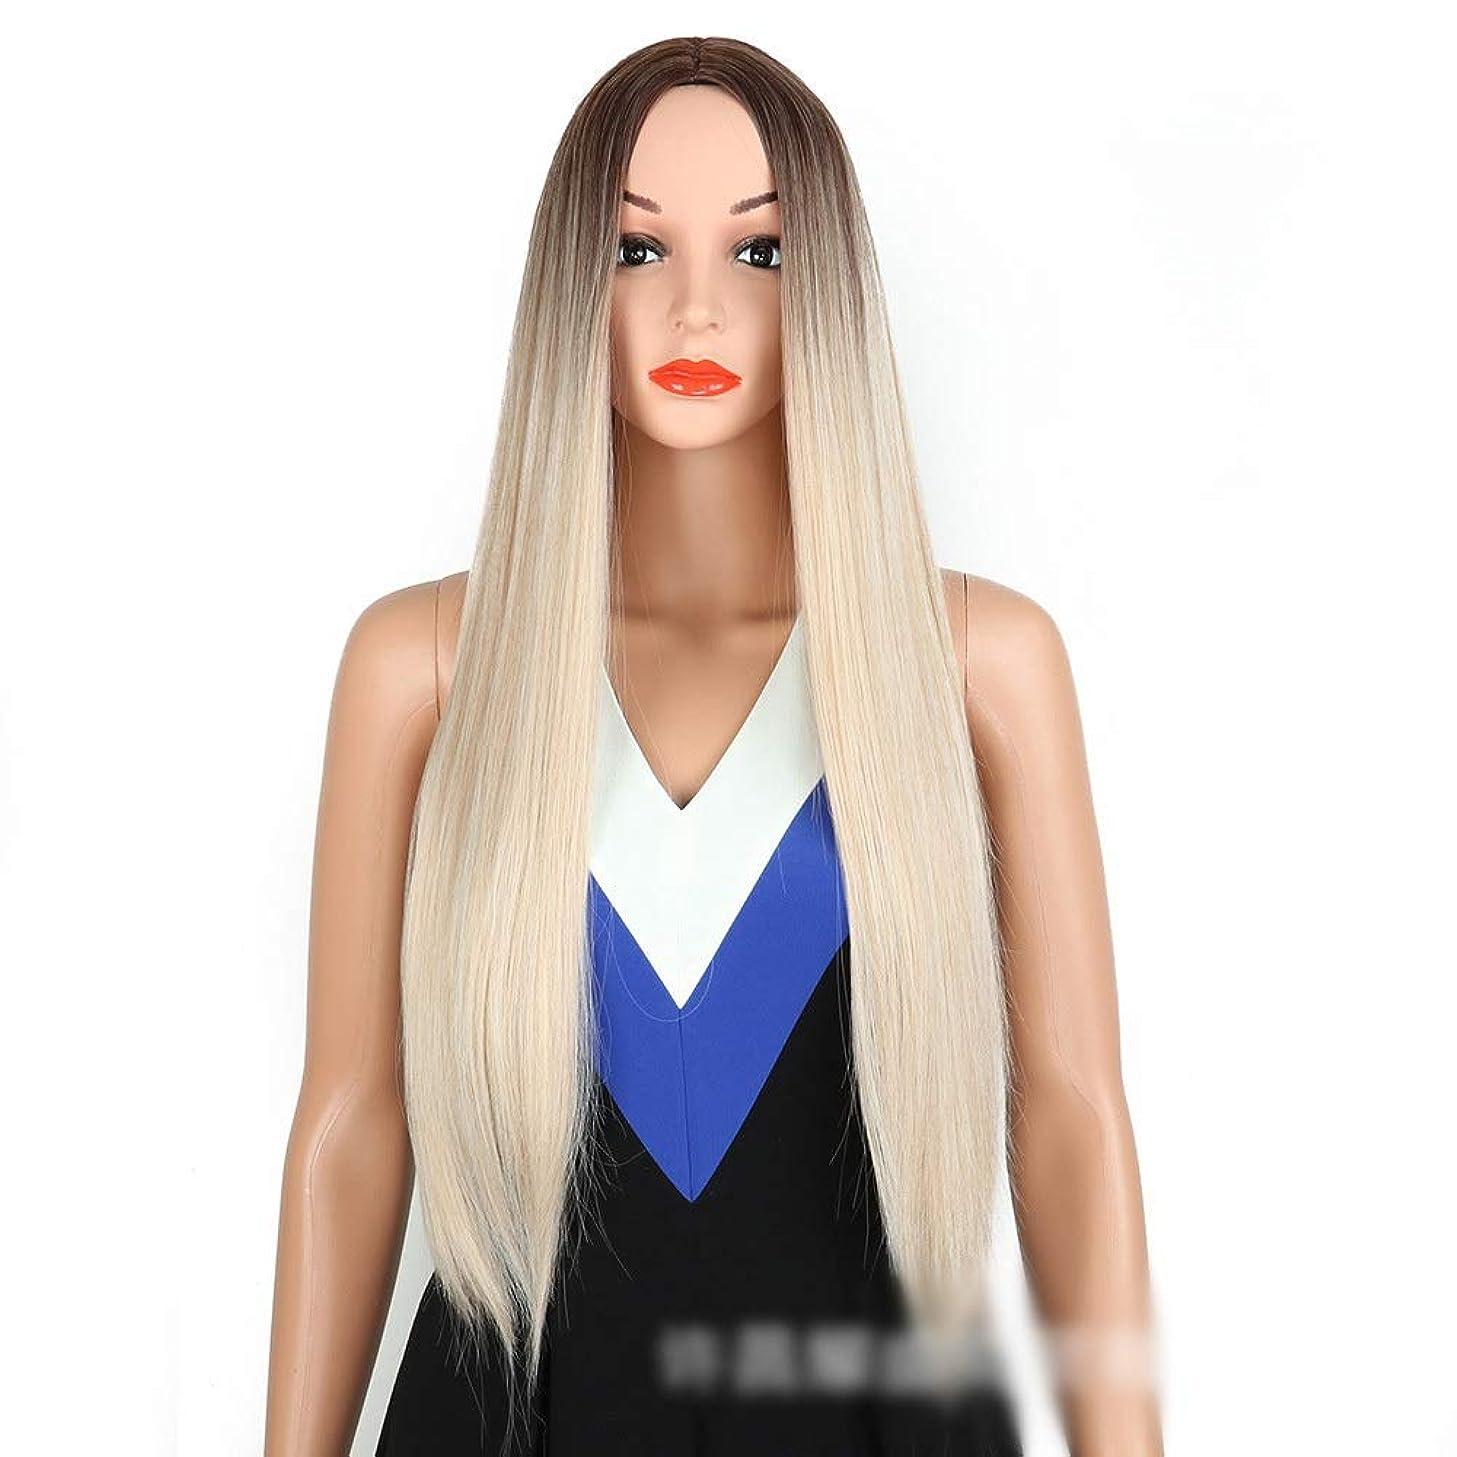 コテージ電気的リスかつら 女性のための長いストレートヘッドを探している女性の金髪ストレートウィッグ耐熱ナチュラルファッションパーティードレスウィッグ (色 : Blonde)